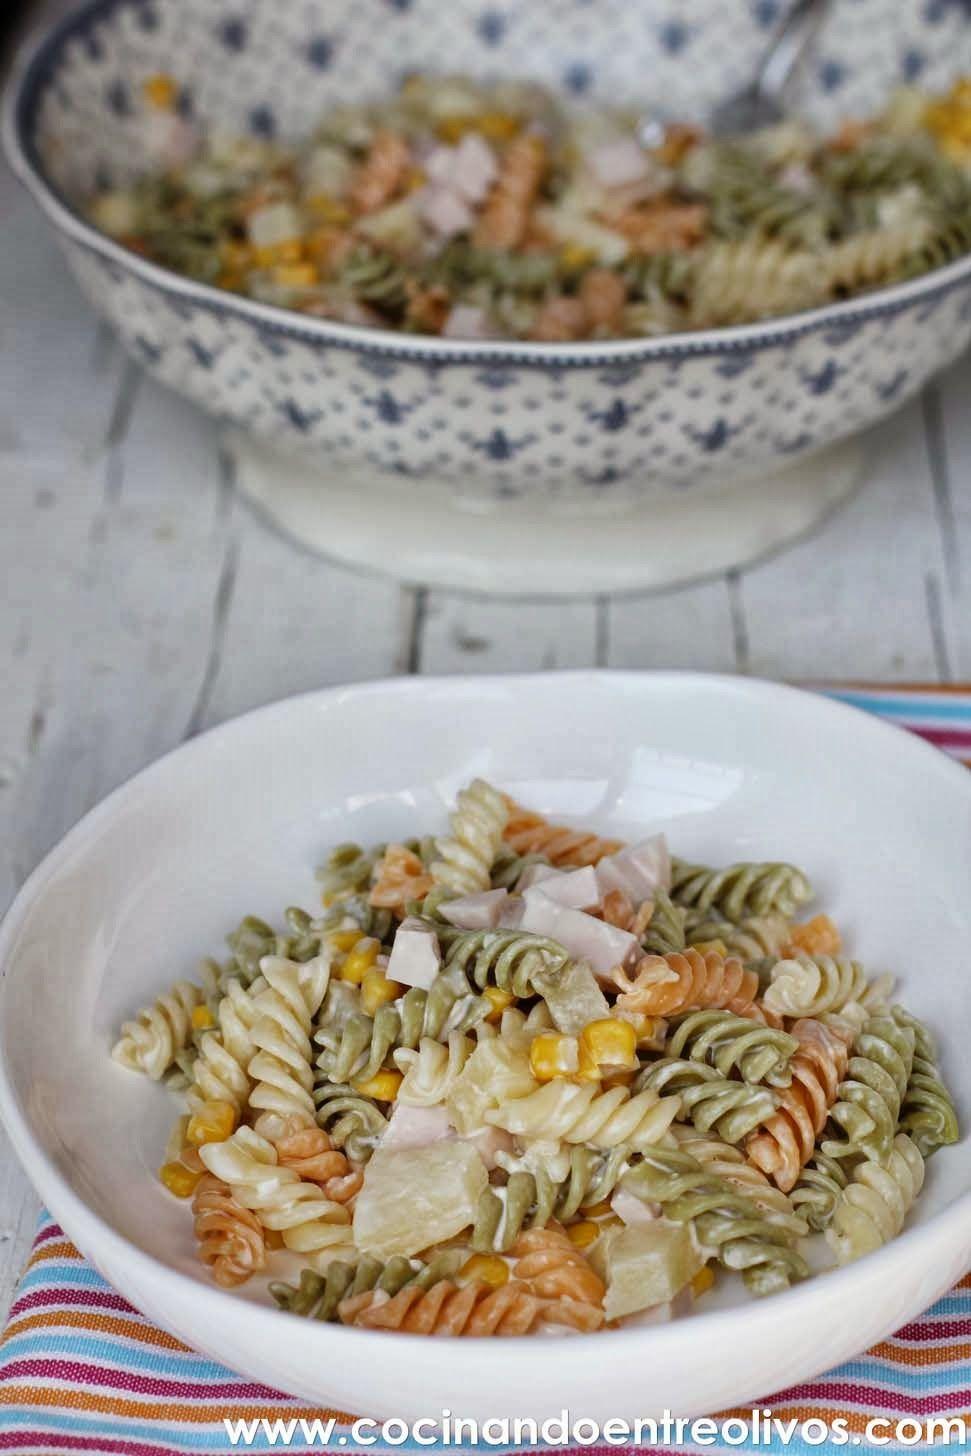 Cocinando entre olivos ensalada de pasta con pi a receta for Cocinando entre olivos